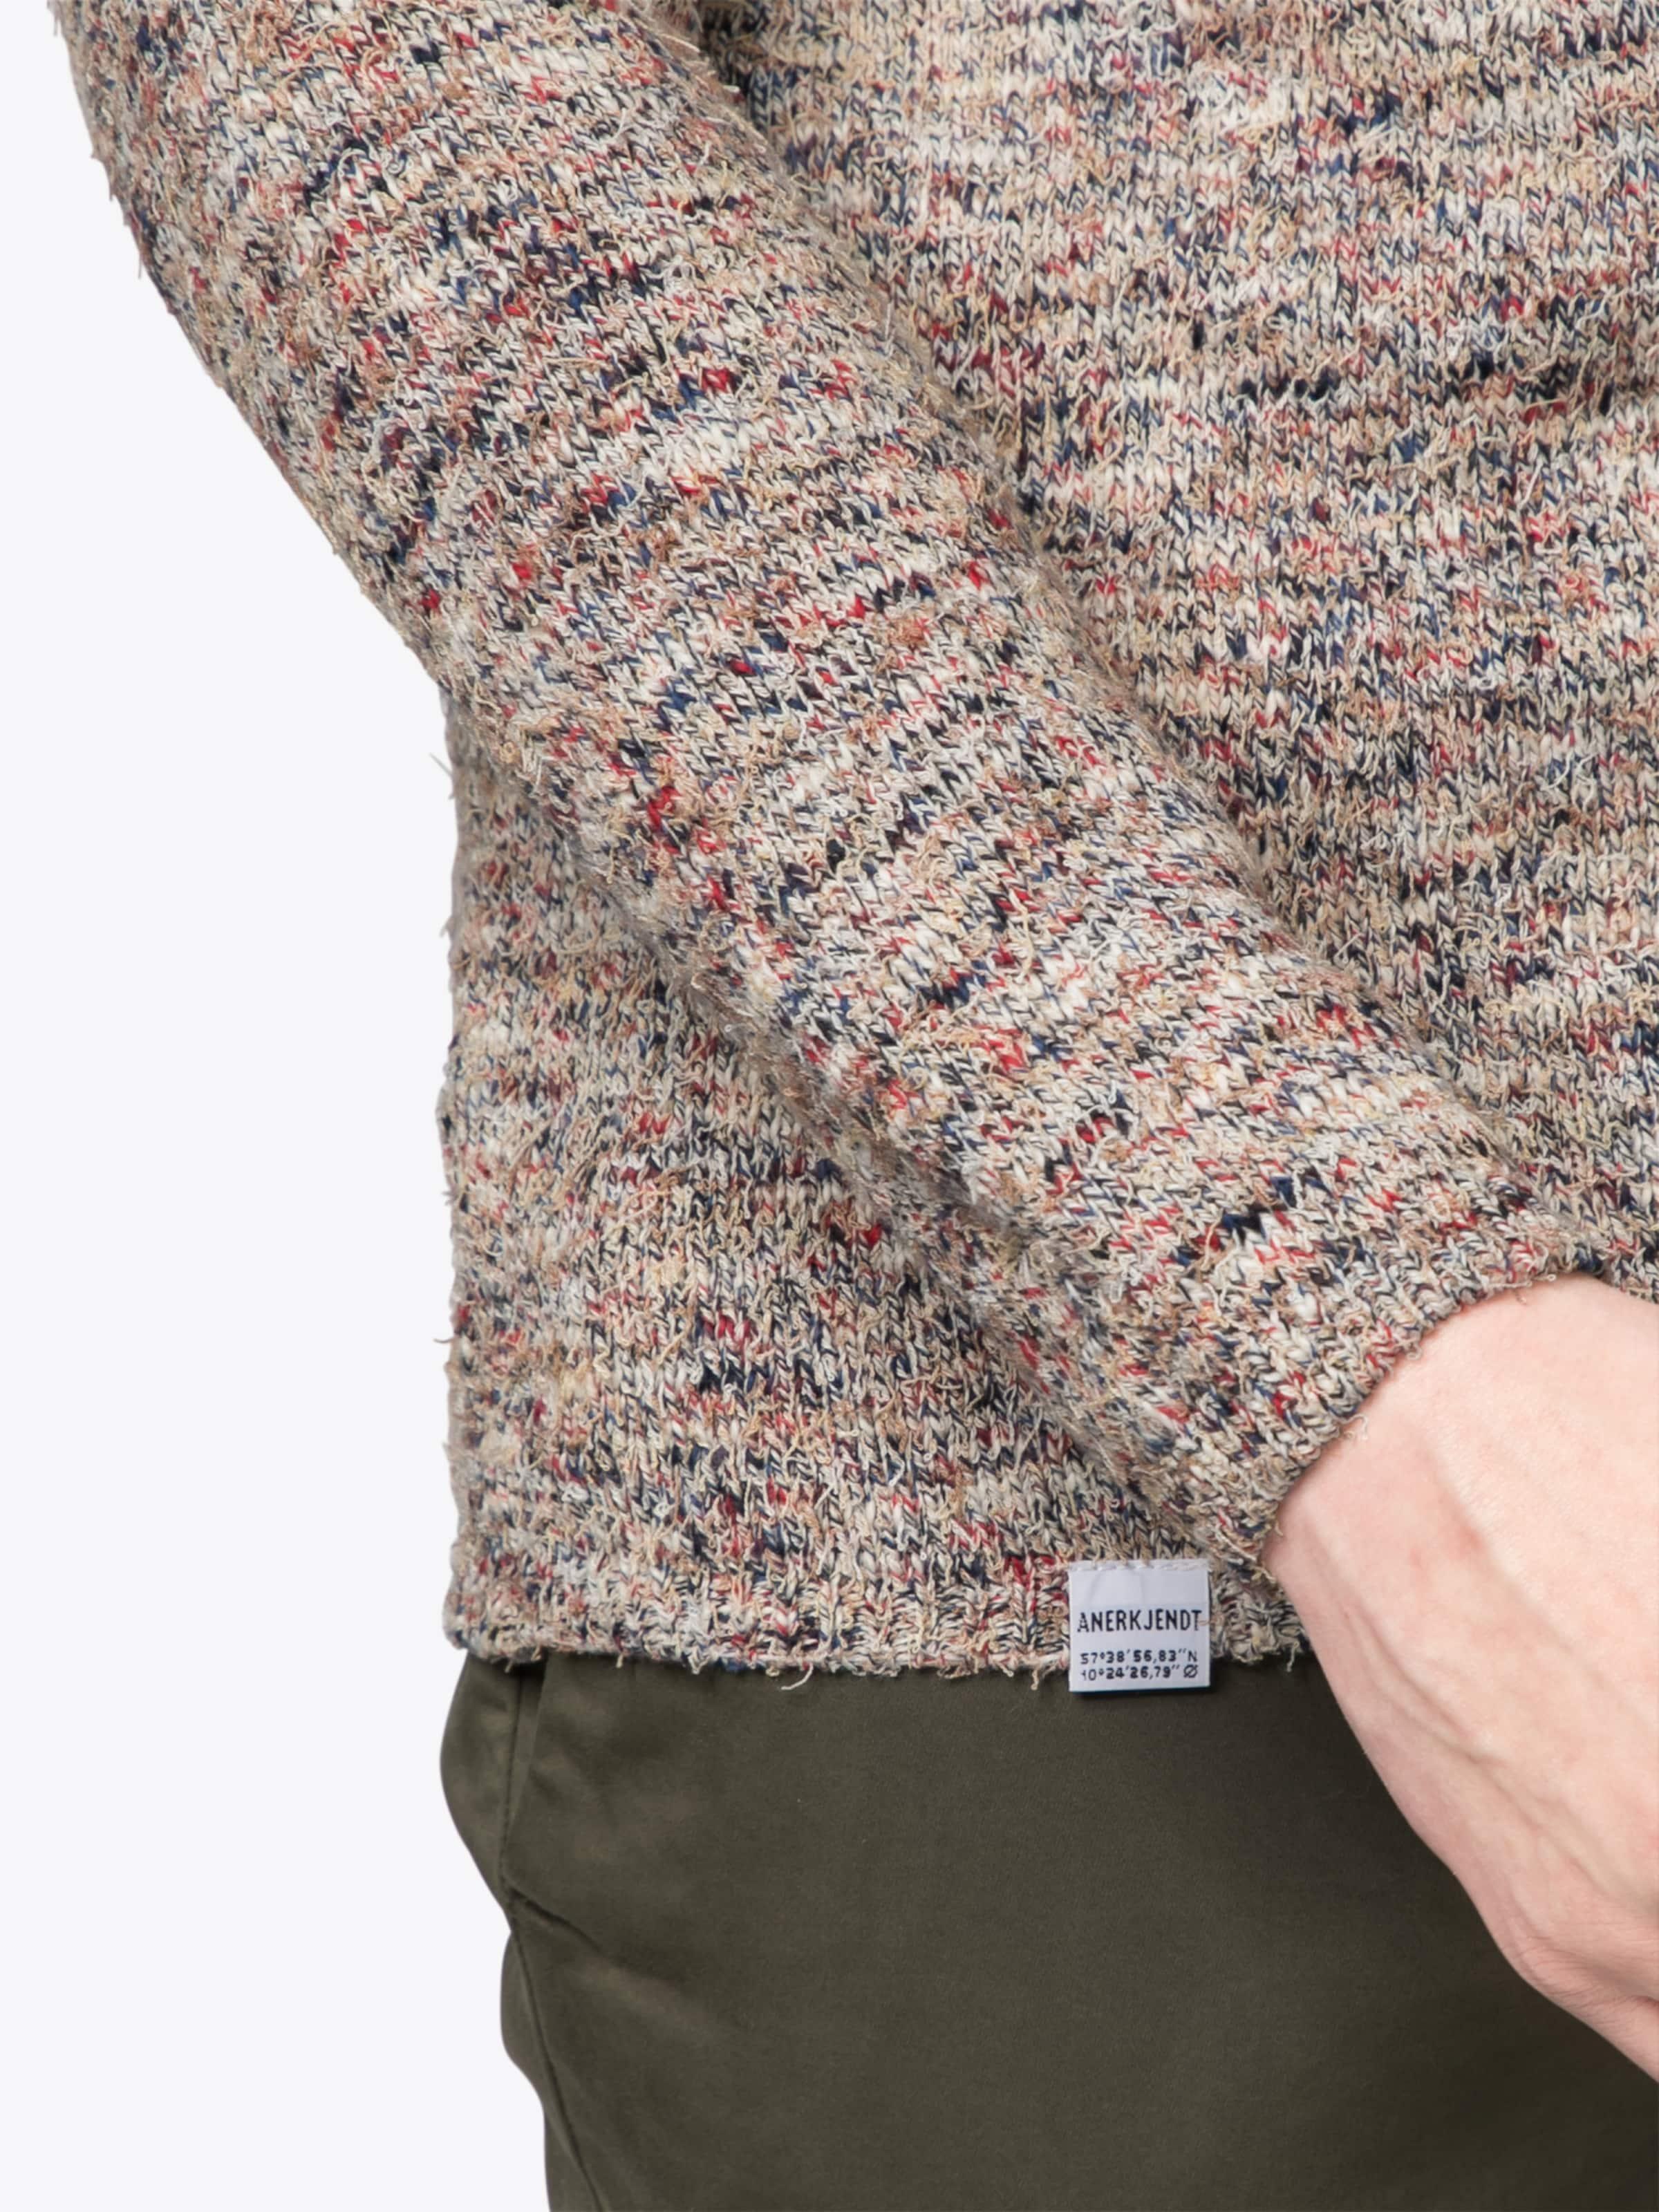 2018 Unisex Verkauf Online anerkjendt Pullover 'Egildko' Sneakernews Zum Verkauf Großer Rabatt Offizielle Seite Verkauf Online EpUUO0